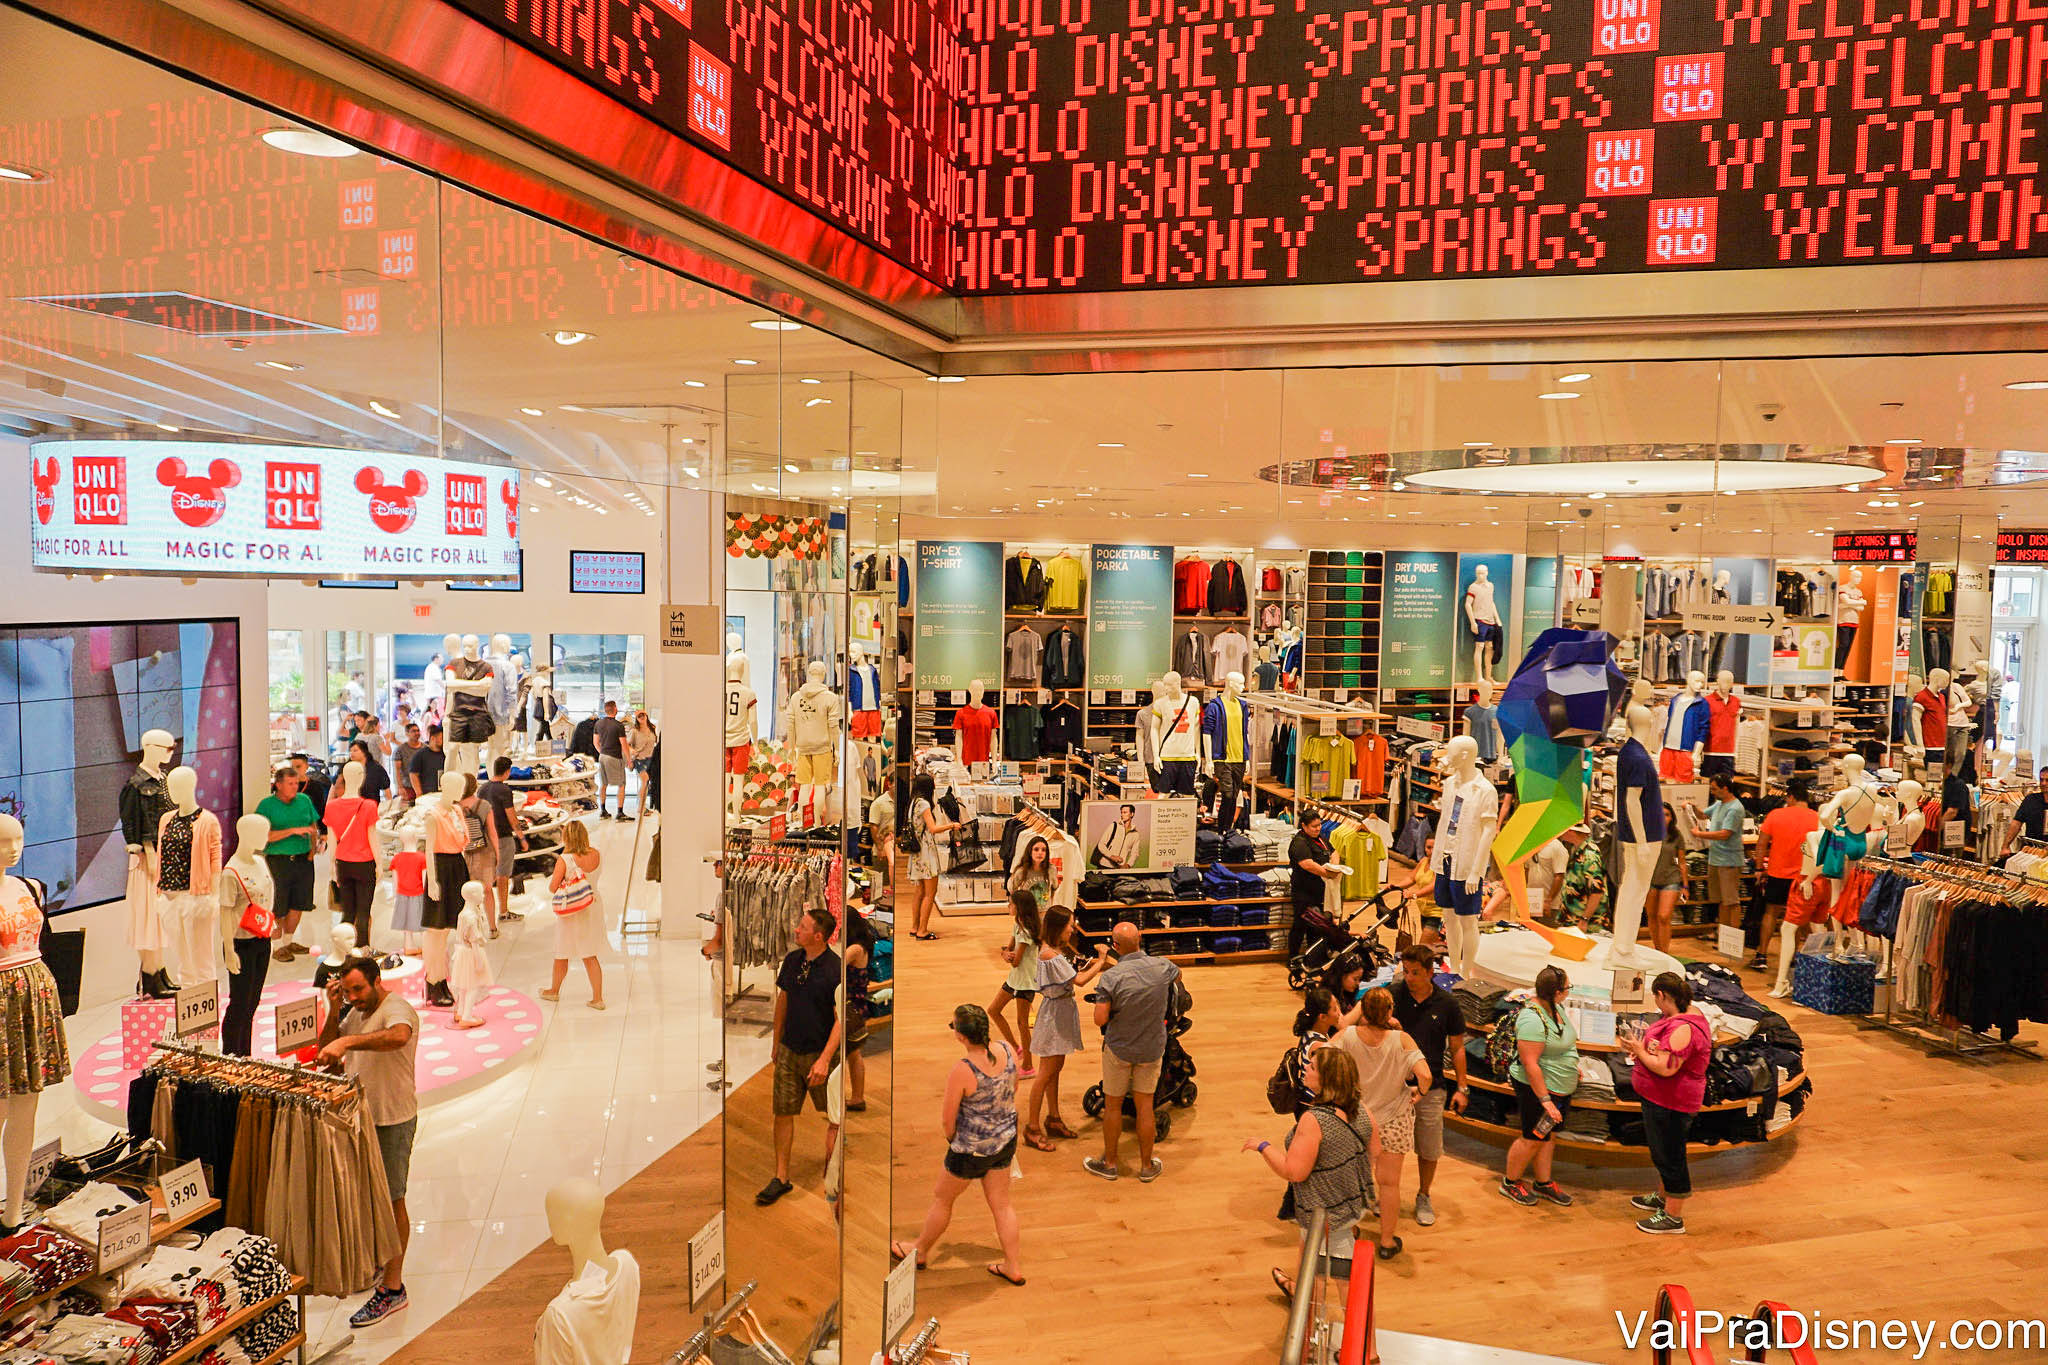 Imagem da loja UNIQLO de Disney Springs. A loja é espaçosa, há roupas em exposição em uma vitrine e muitos visitantes.